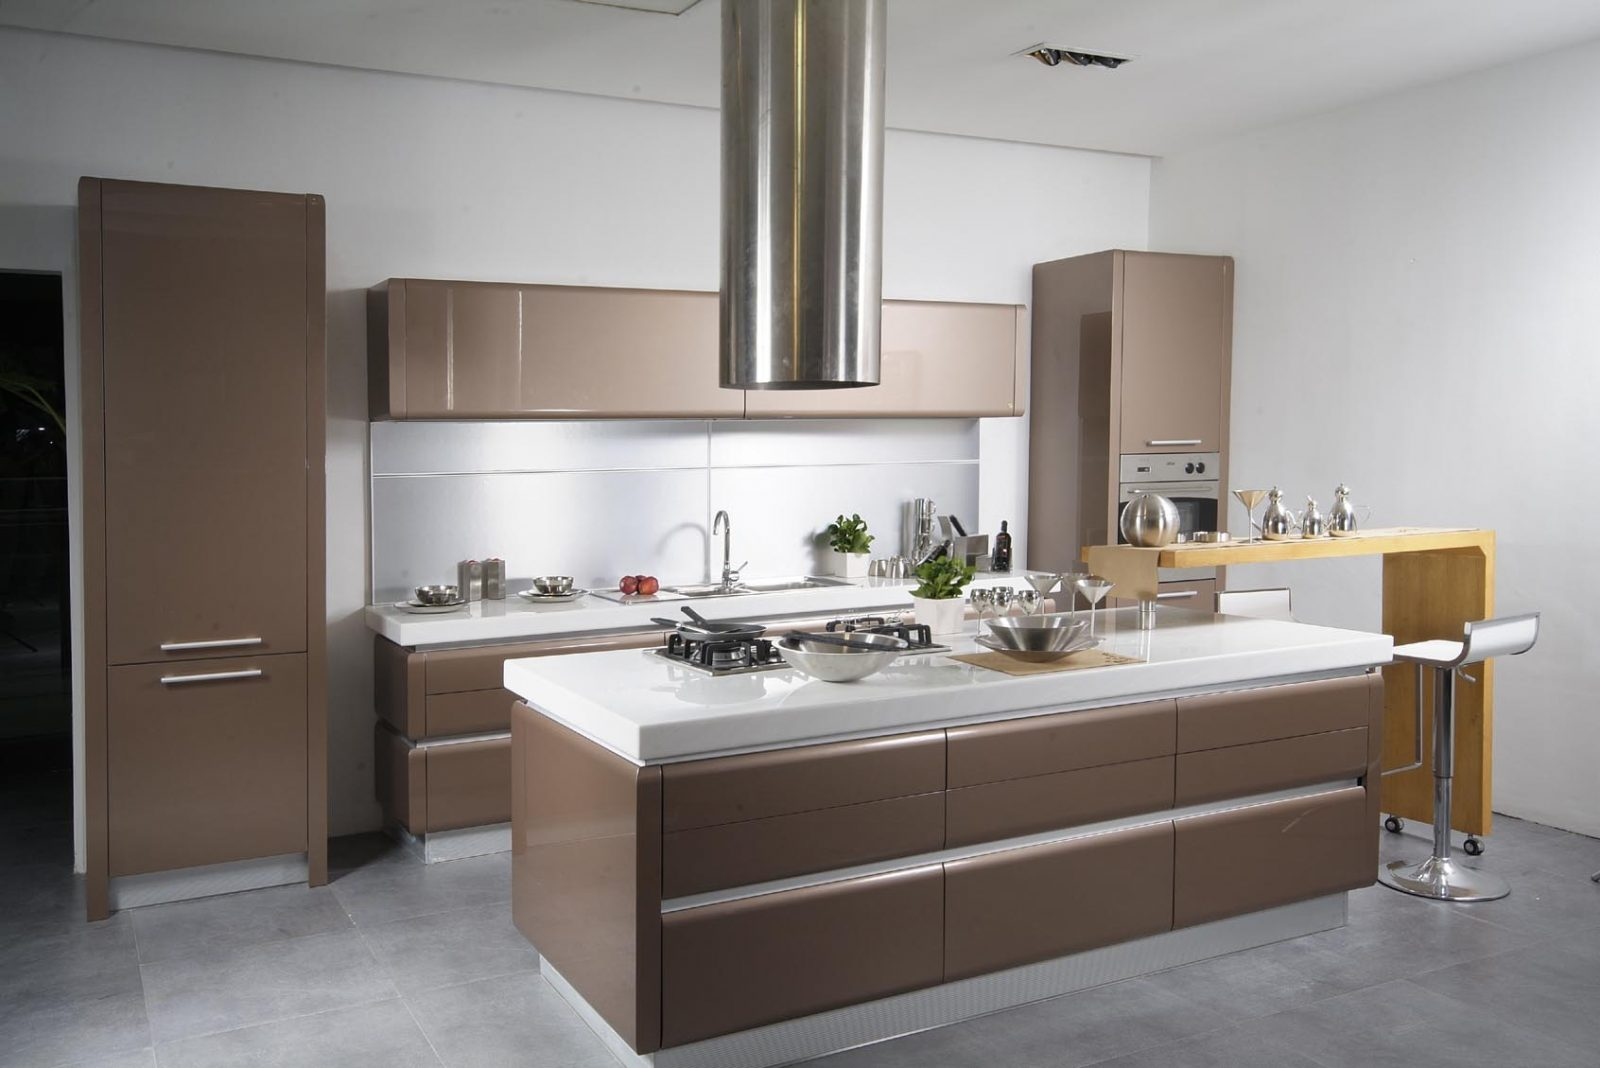 Muebles de cocina de melamina im genes y fotos Fotos de cocina